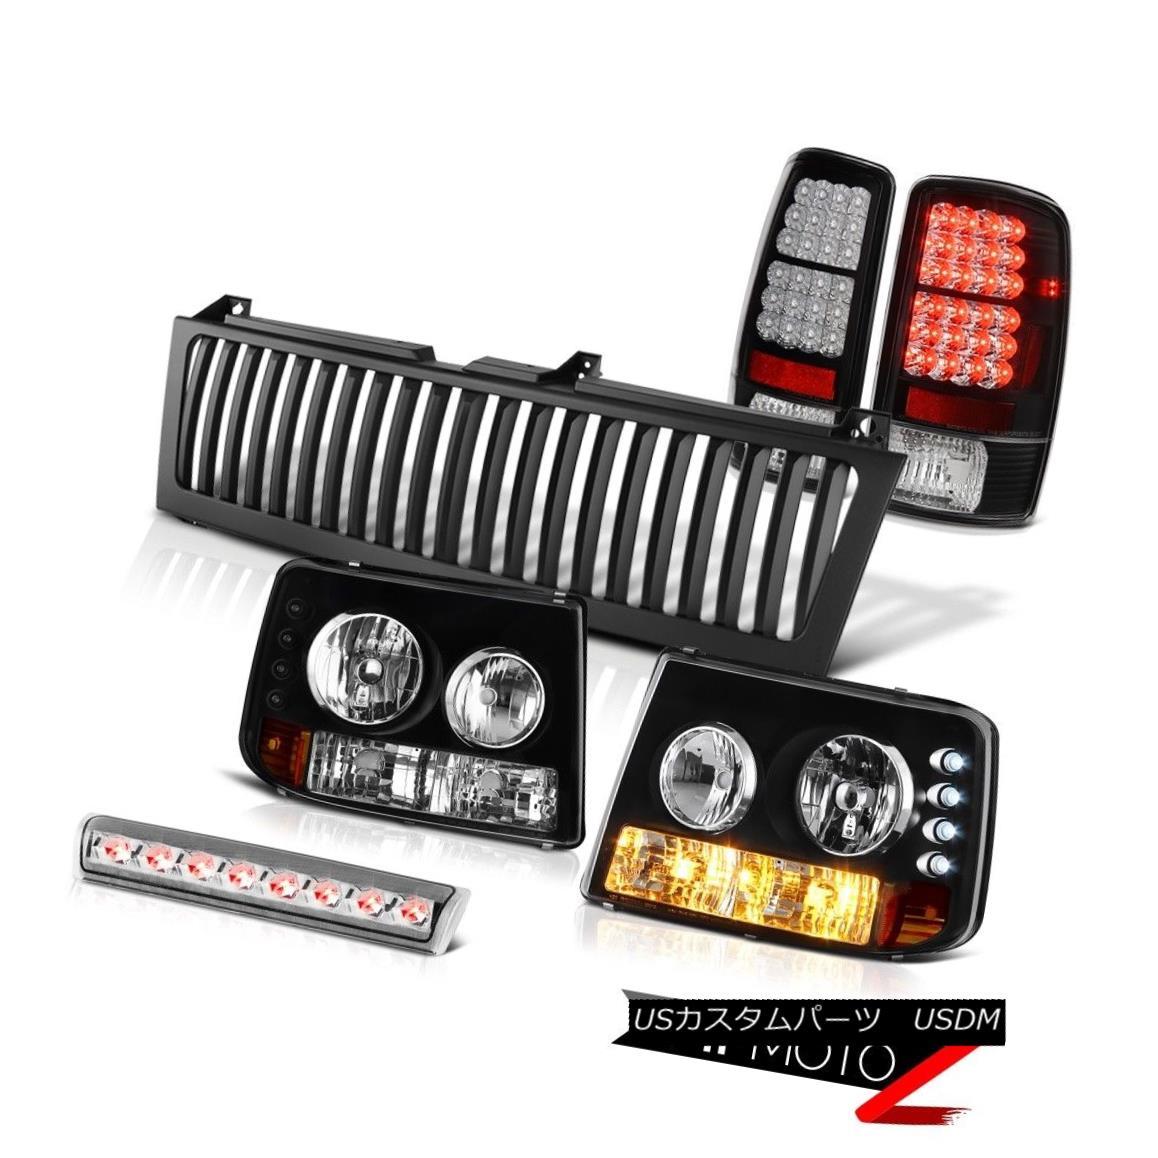 テールライト 00 01 02 03 04 05 06 Suburban Headlight Bumper LED Tail Lamps High Stop Grille 00 01 02 03 04 05 06郊外ヘッドライトバンパーLEDテールランプハイストップグリル